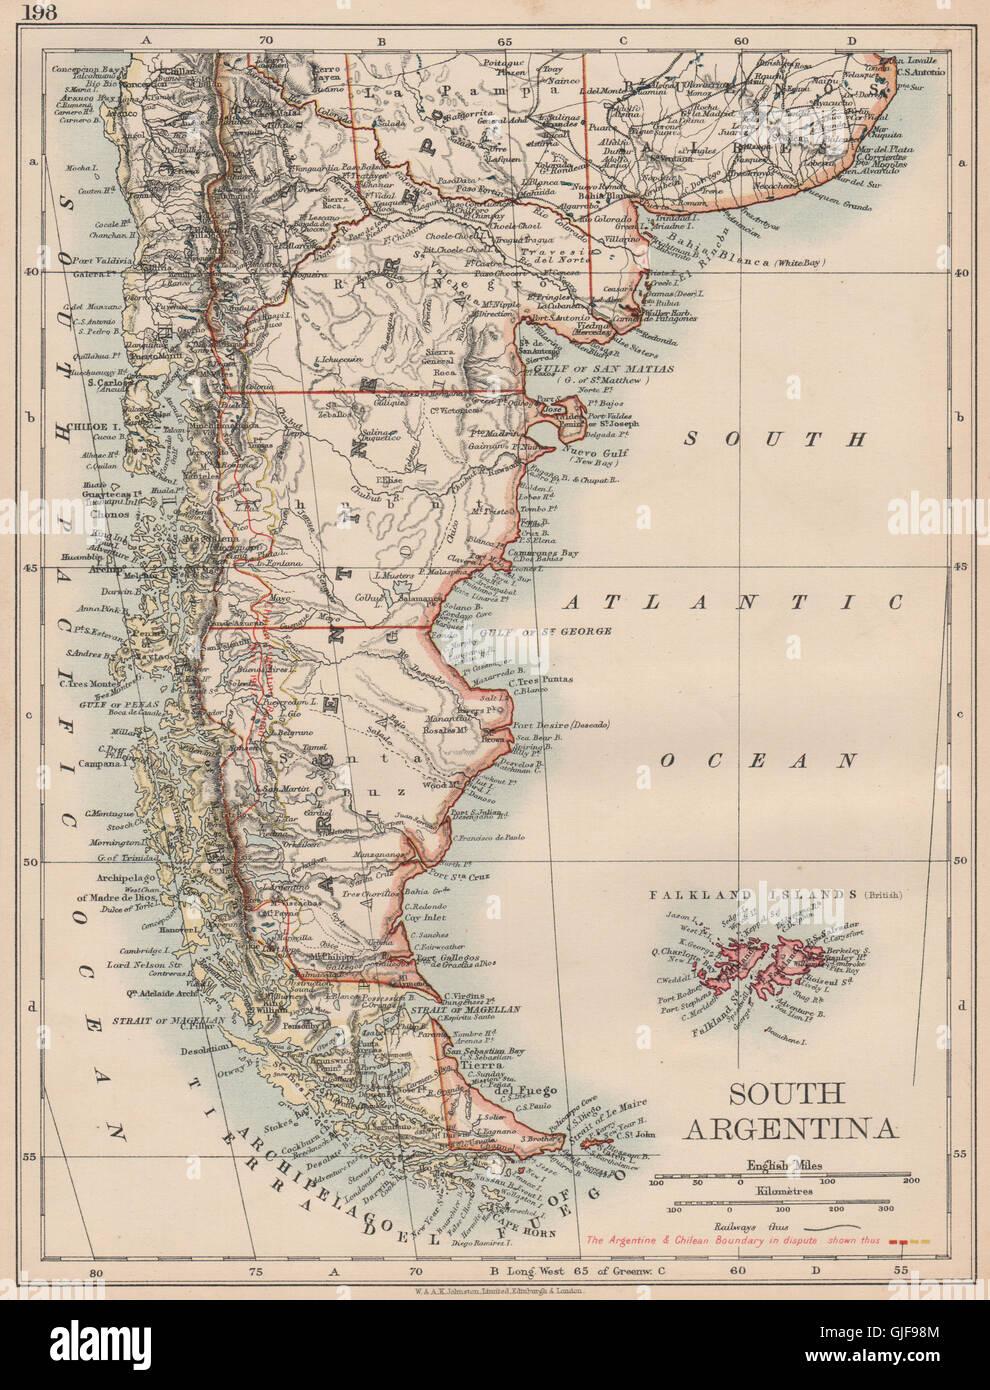 Patagonia Cartina Geografica.La Patagonia Argentina E Cile Border E 1902 Cordigliera Delle Ande Controversia 1906 Mappa Foto Stock Alamy